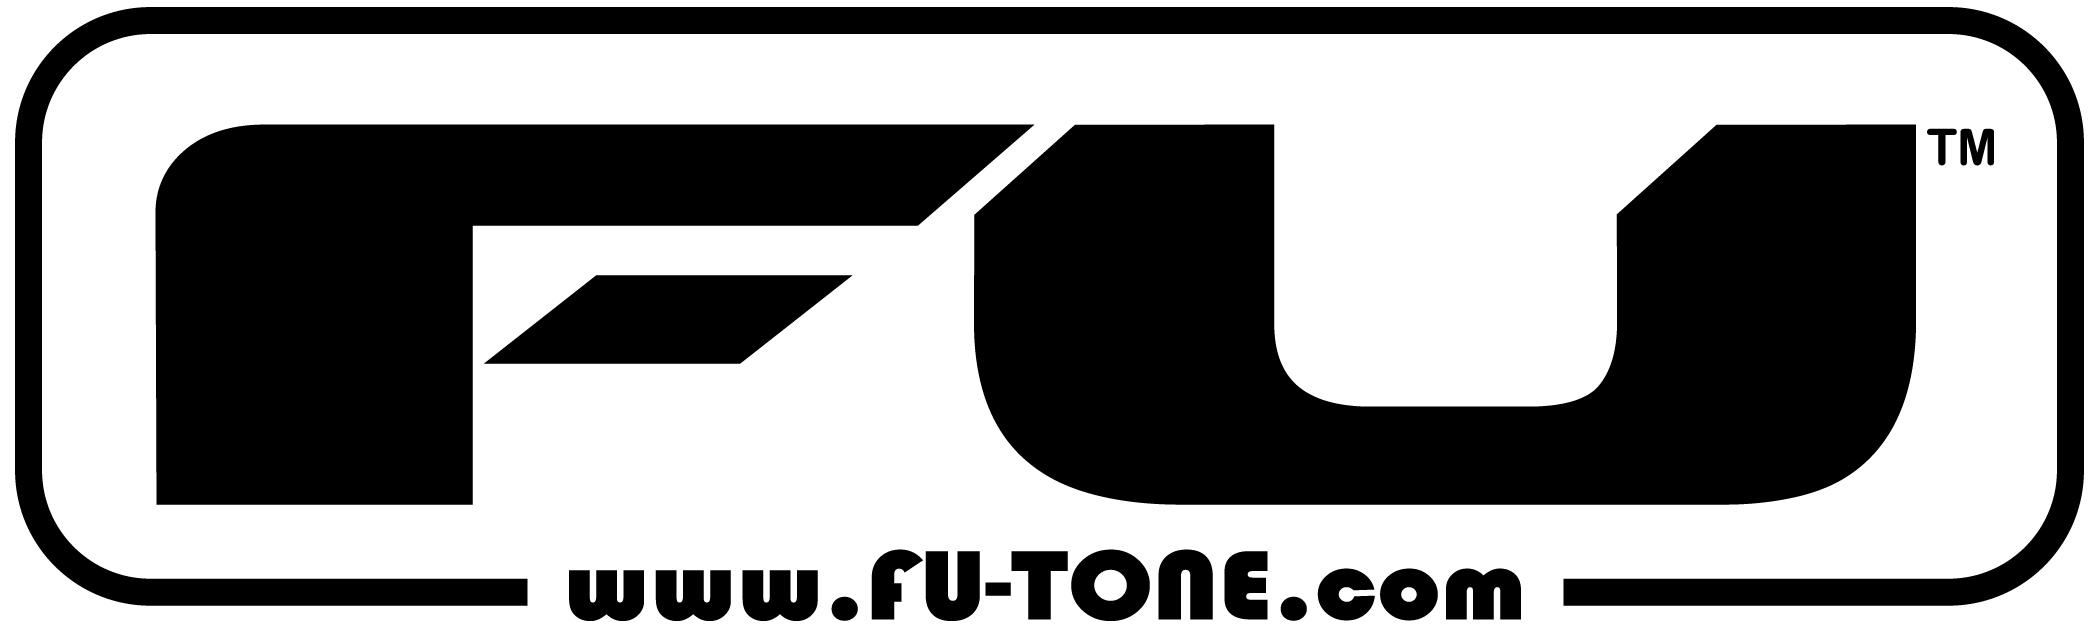 FU-TONE